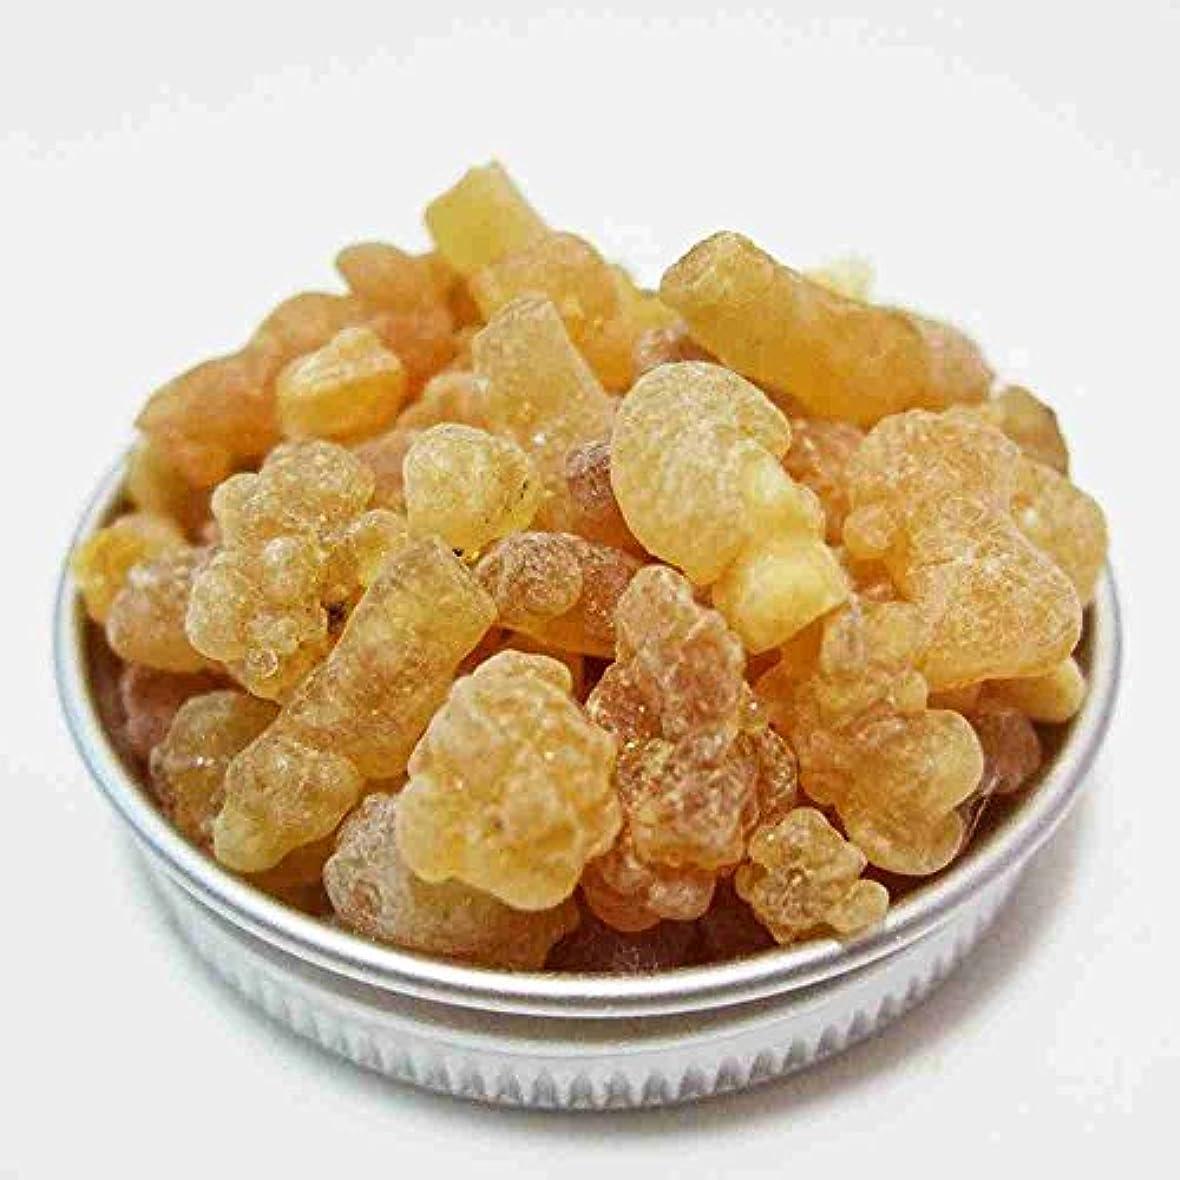 エラーメンタリティメイエラフランキンセンス Frsnkincense (乳香) 天然樹脂香 フランキンセンス(乳香), 1 Ounce (28 g)